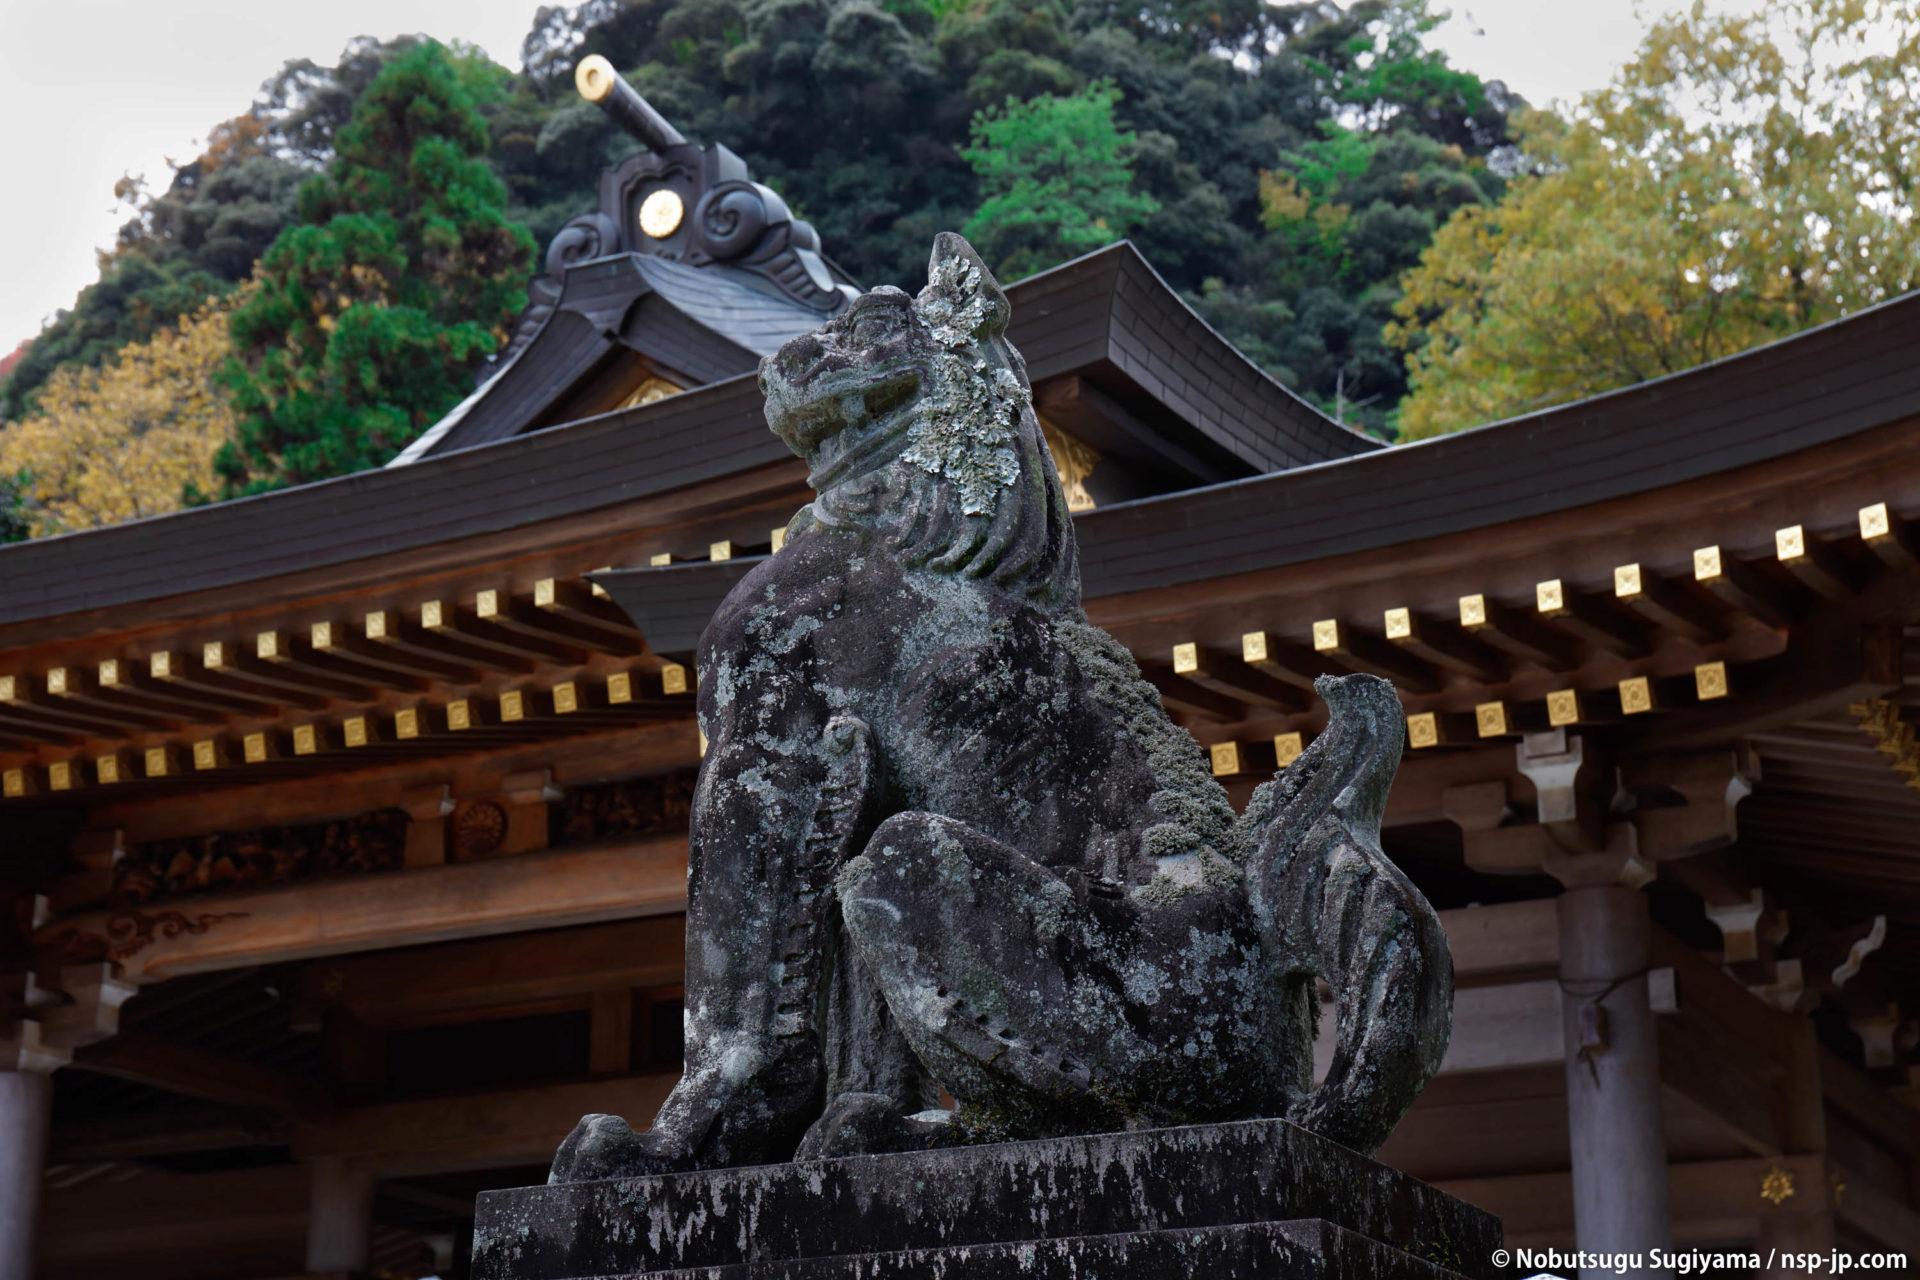 護国神社-本殿前の狛犬 | 岐阜 故郷巡礼 by 杉山宣嗣